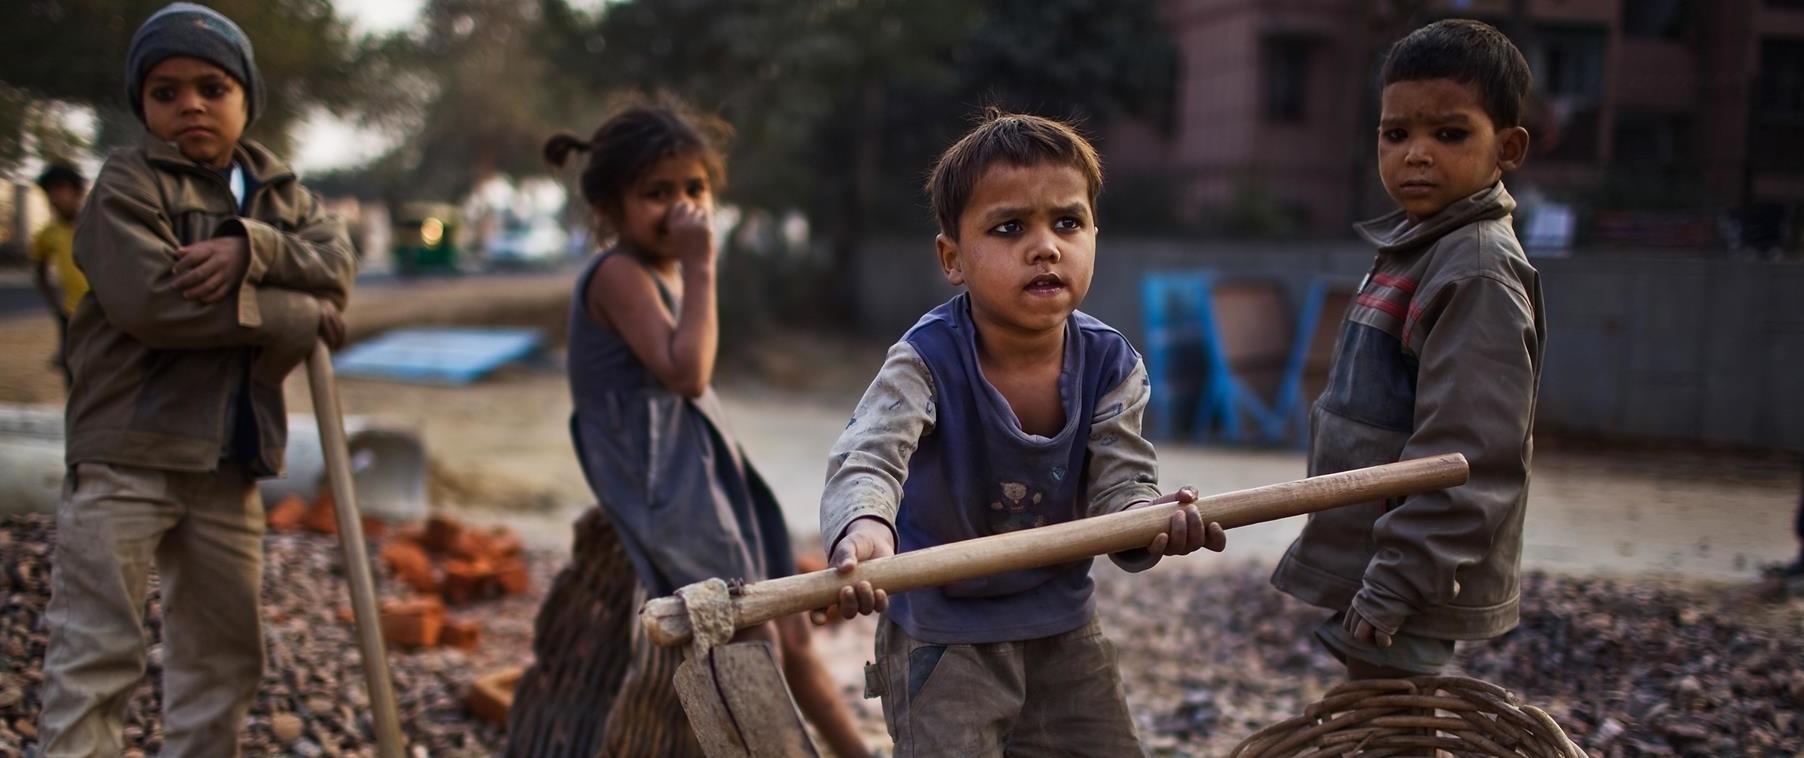 schiavitu-e-lavoro-minorile